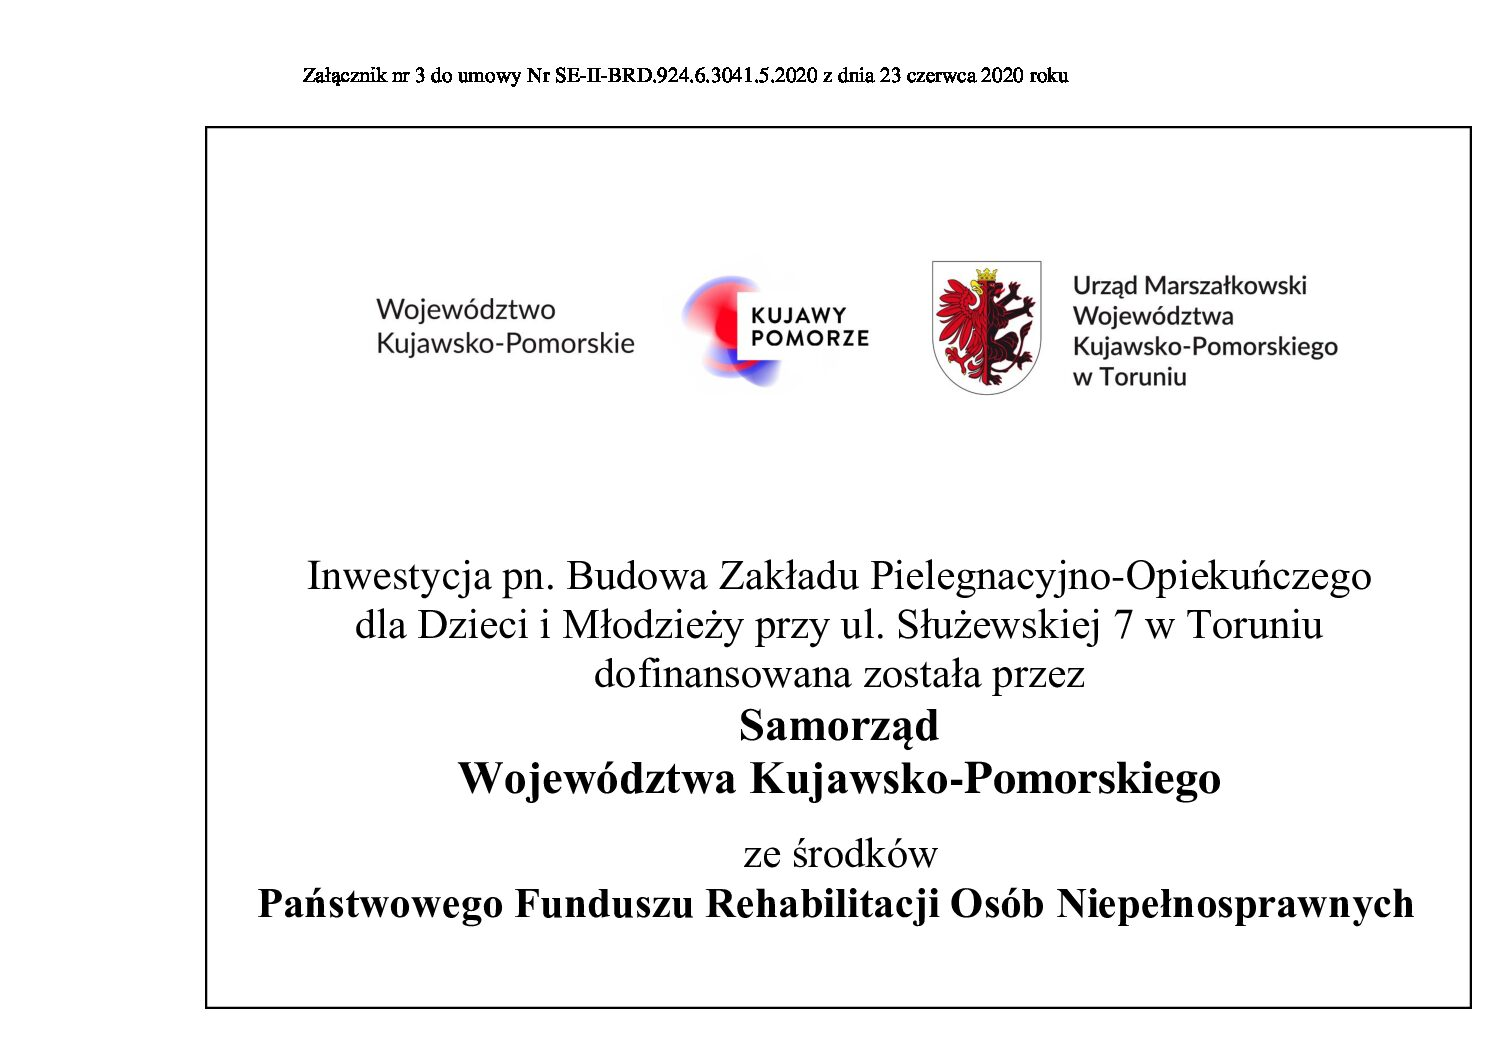 Budowa ZPO dla Dzieci i Młodzieży w Toruniu